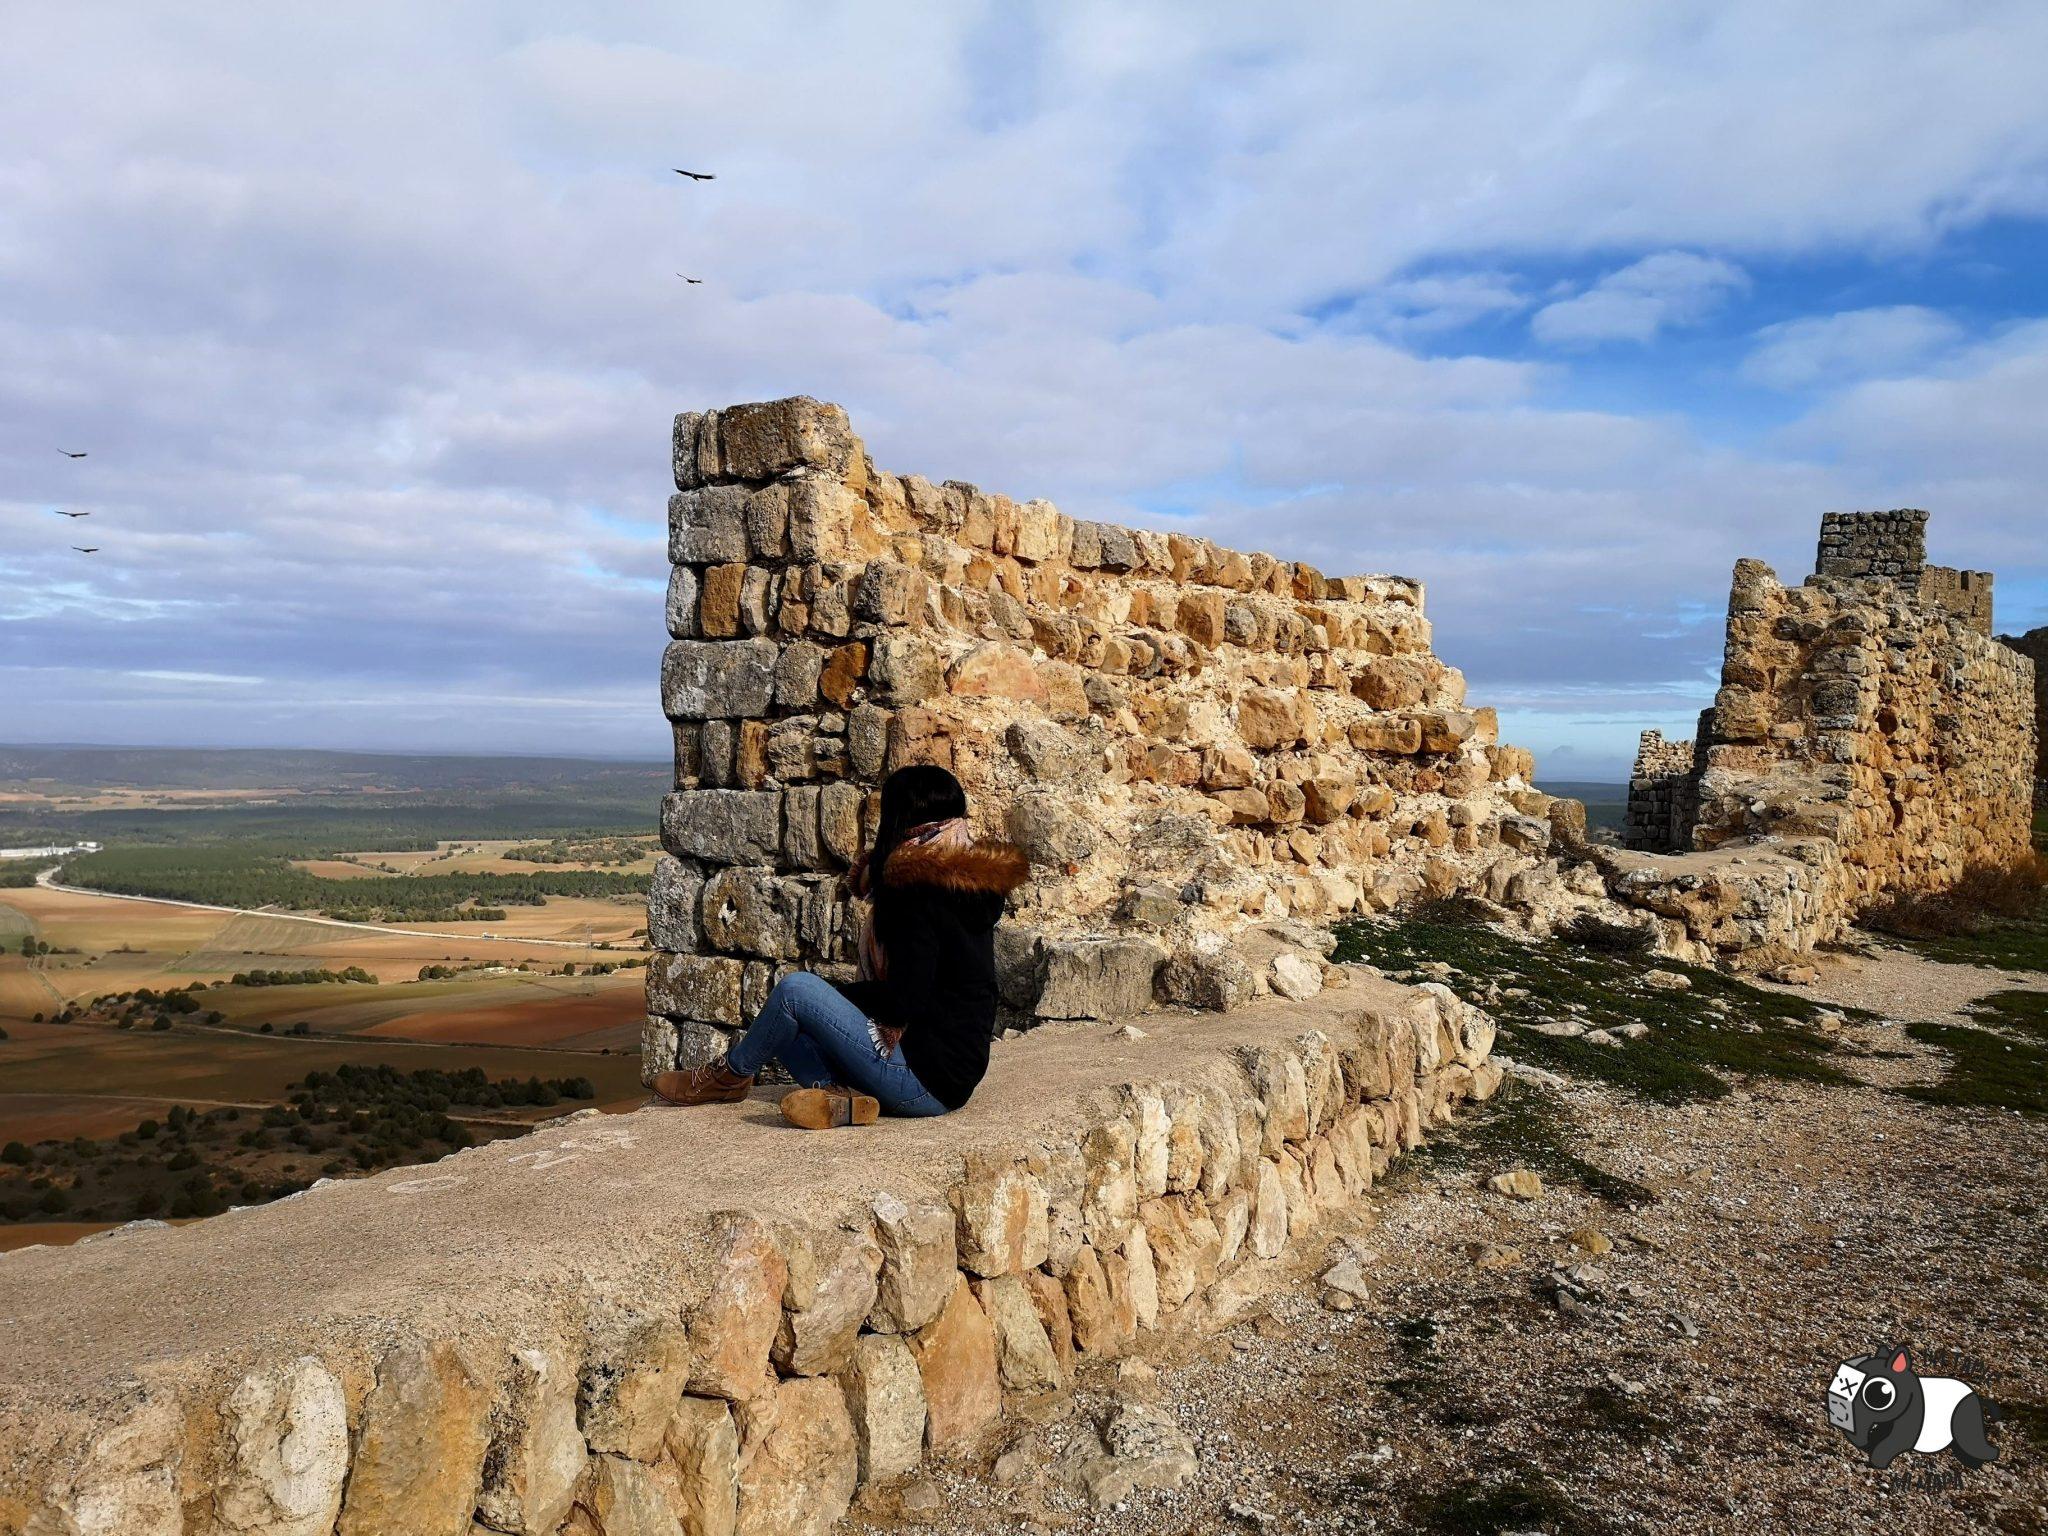 Sentada en la muralla disfrutando de las vistas y del vuelo de los buitres.